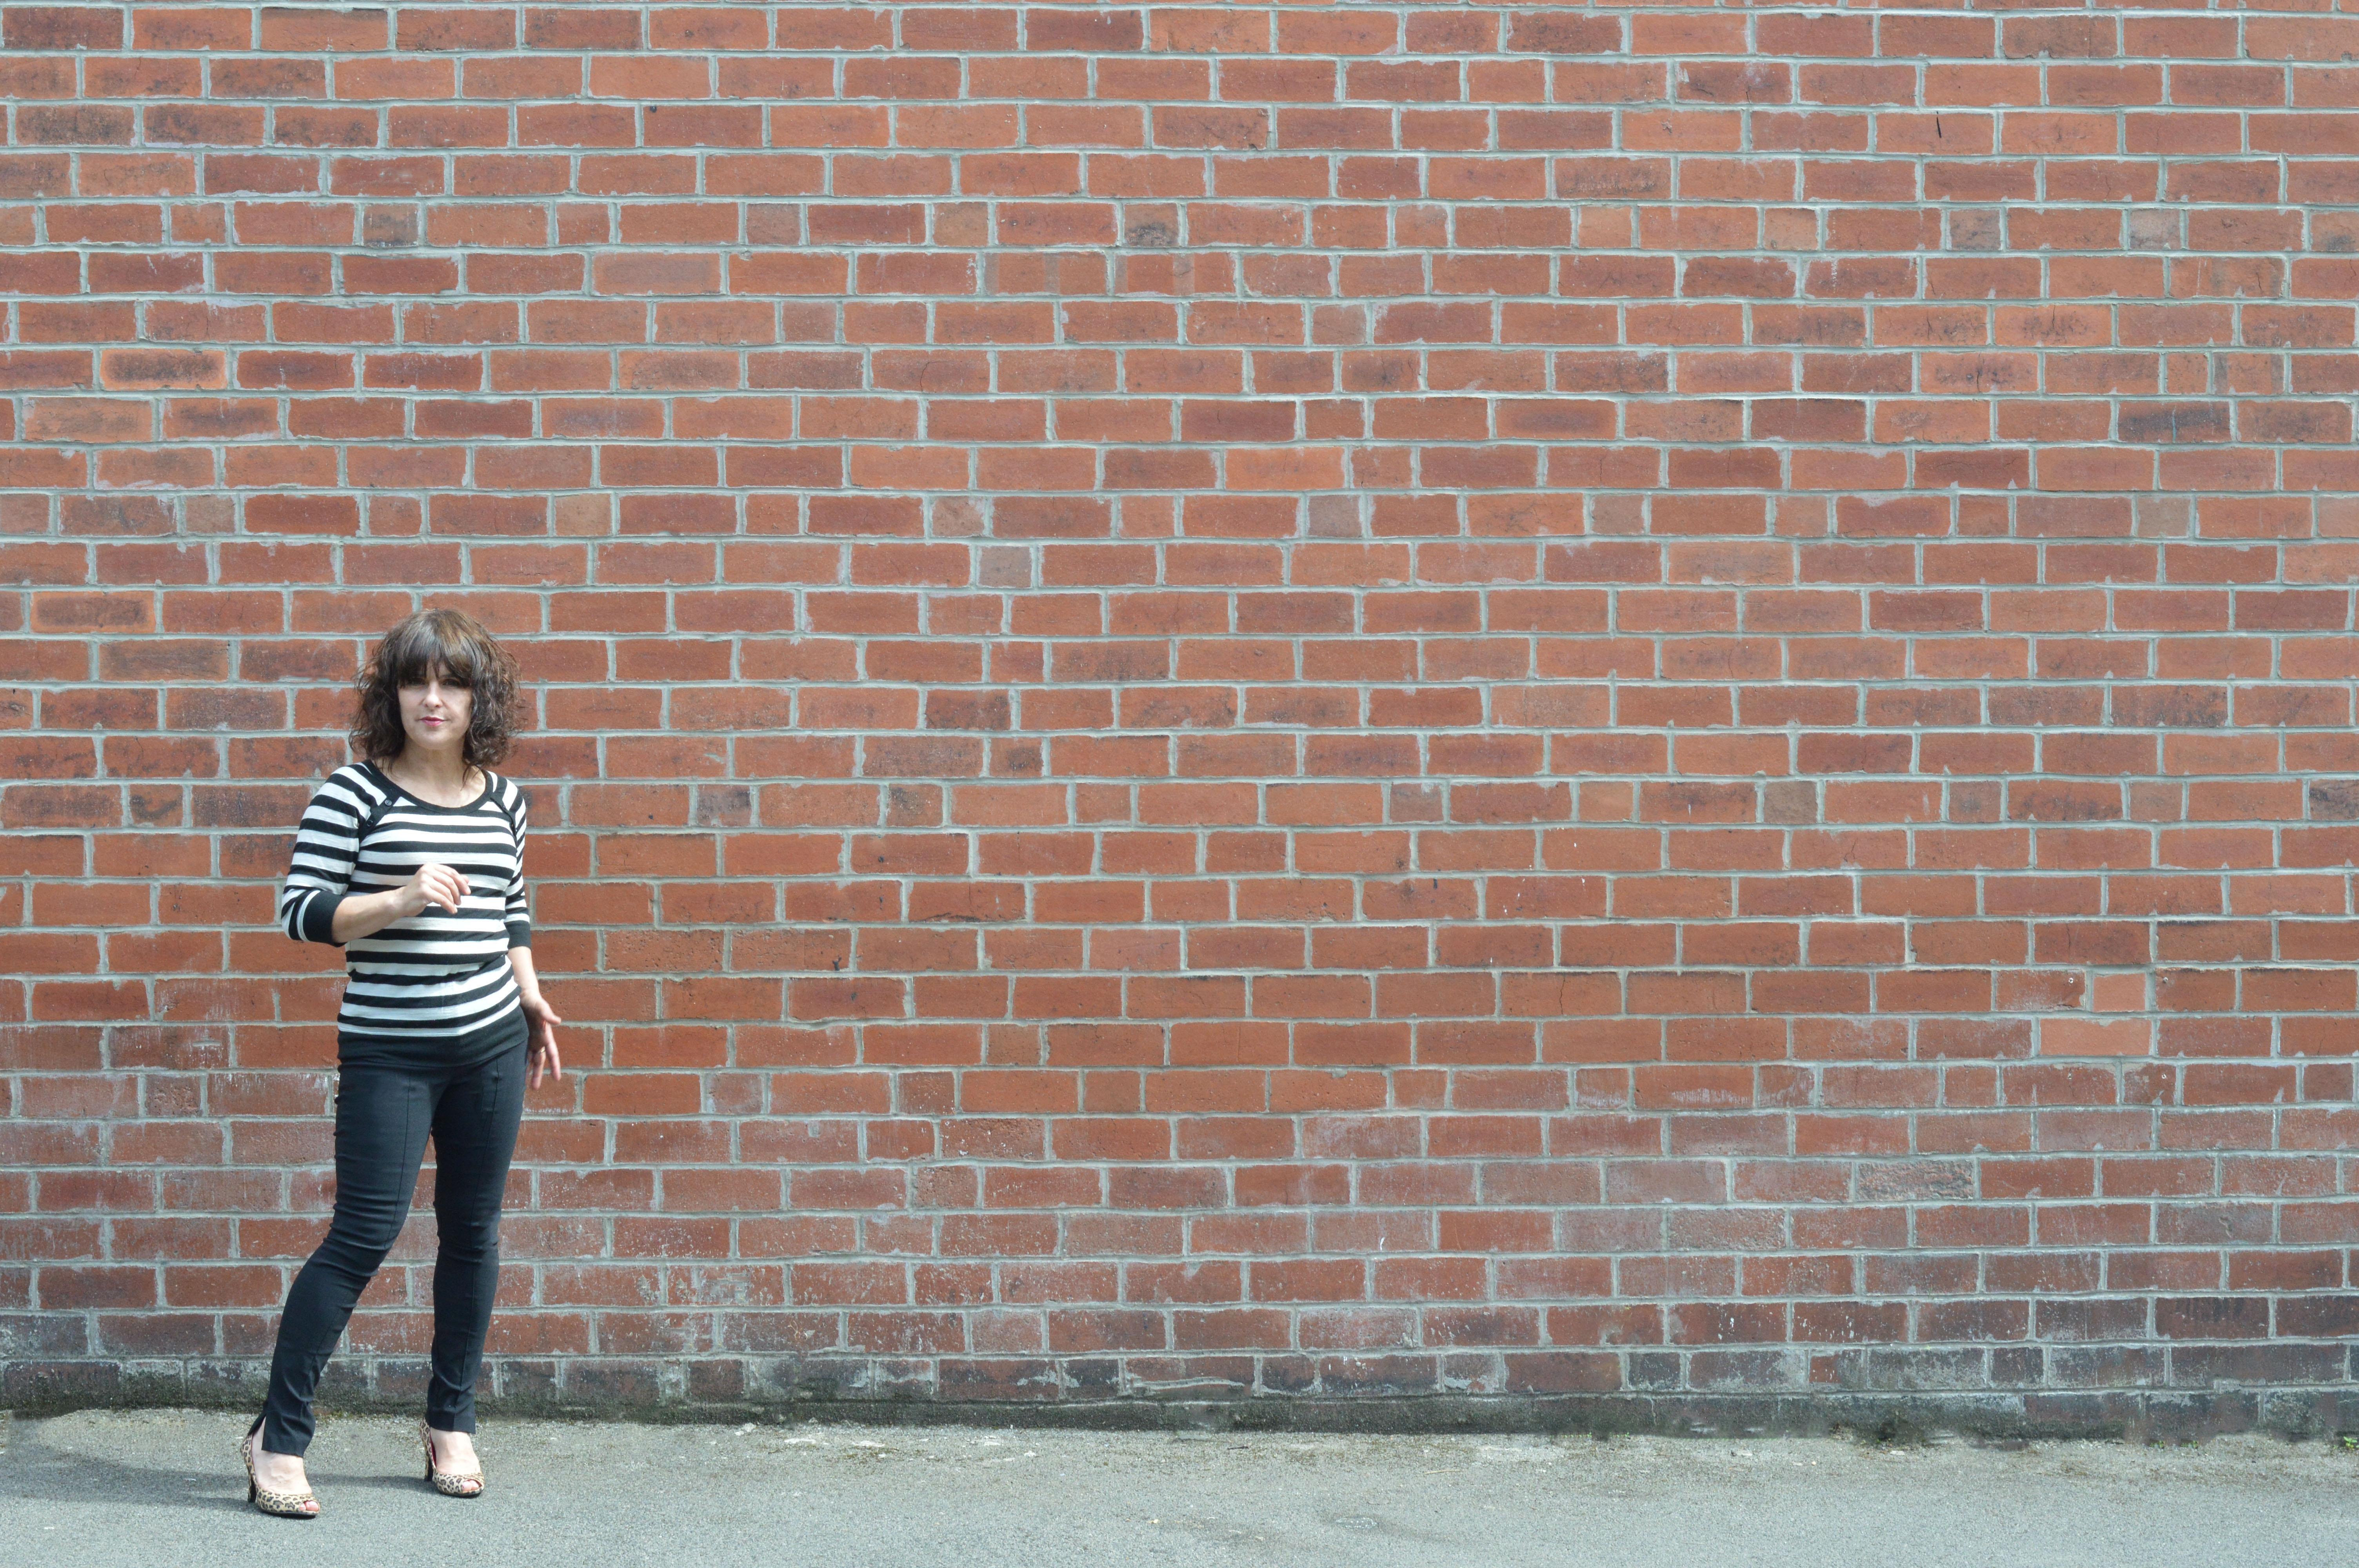 Petite, petite black trousers, petite blog, petite blogger, petite fashion